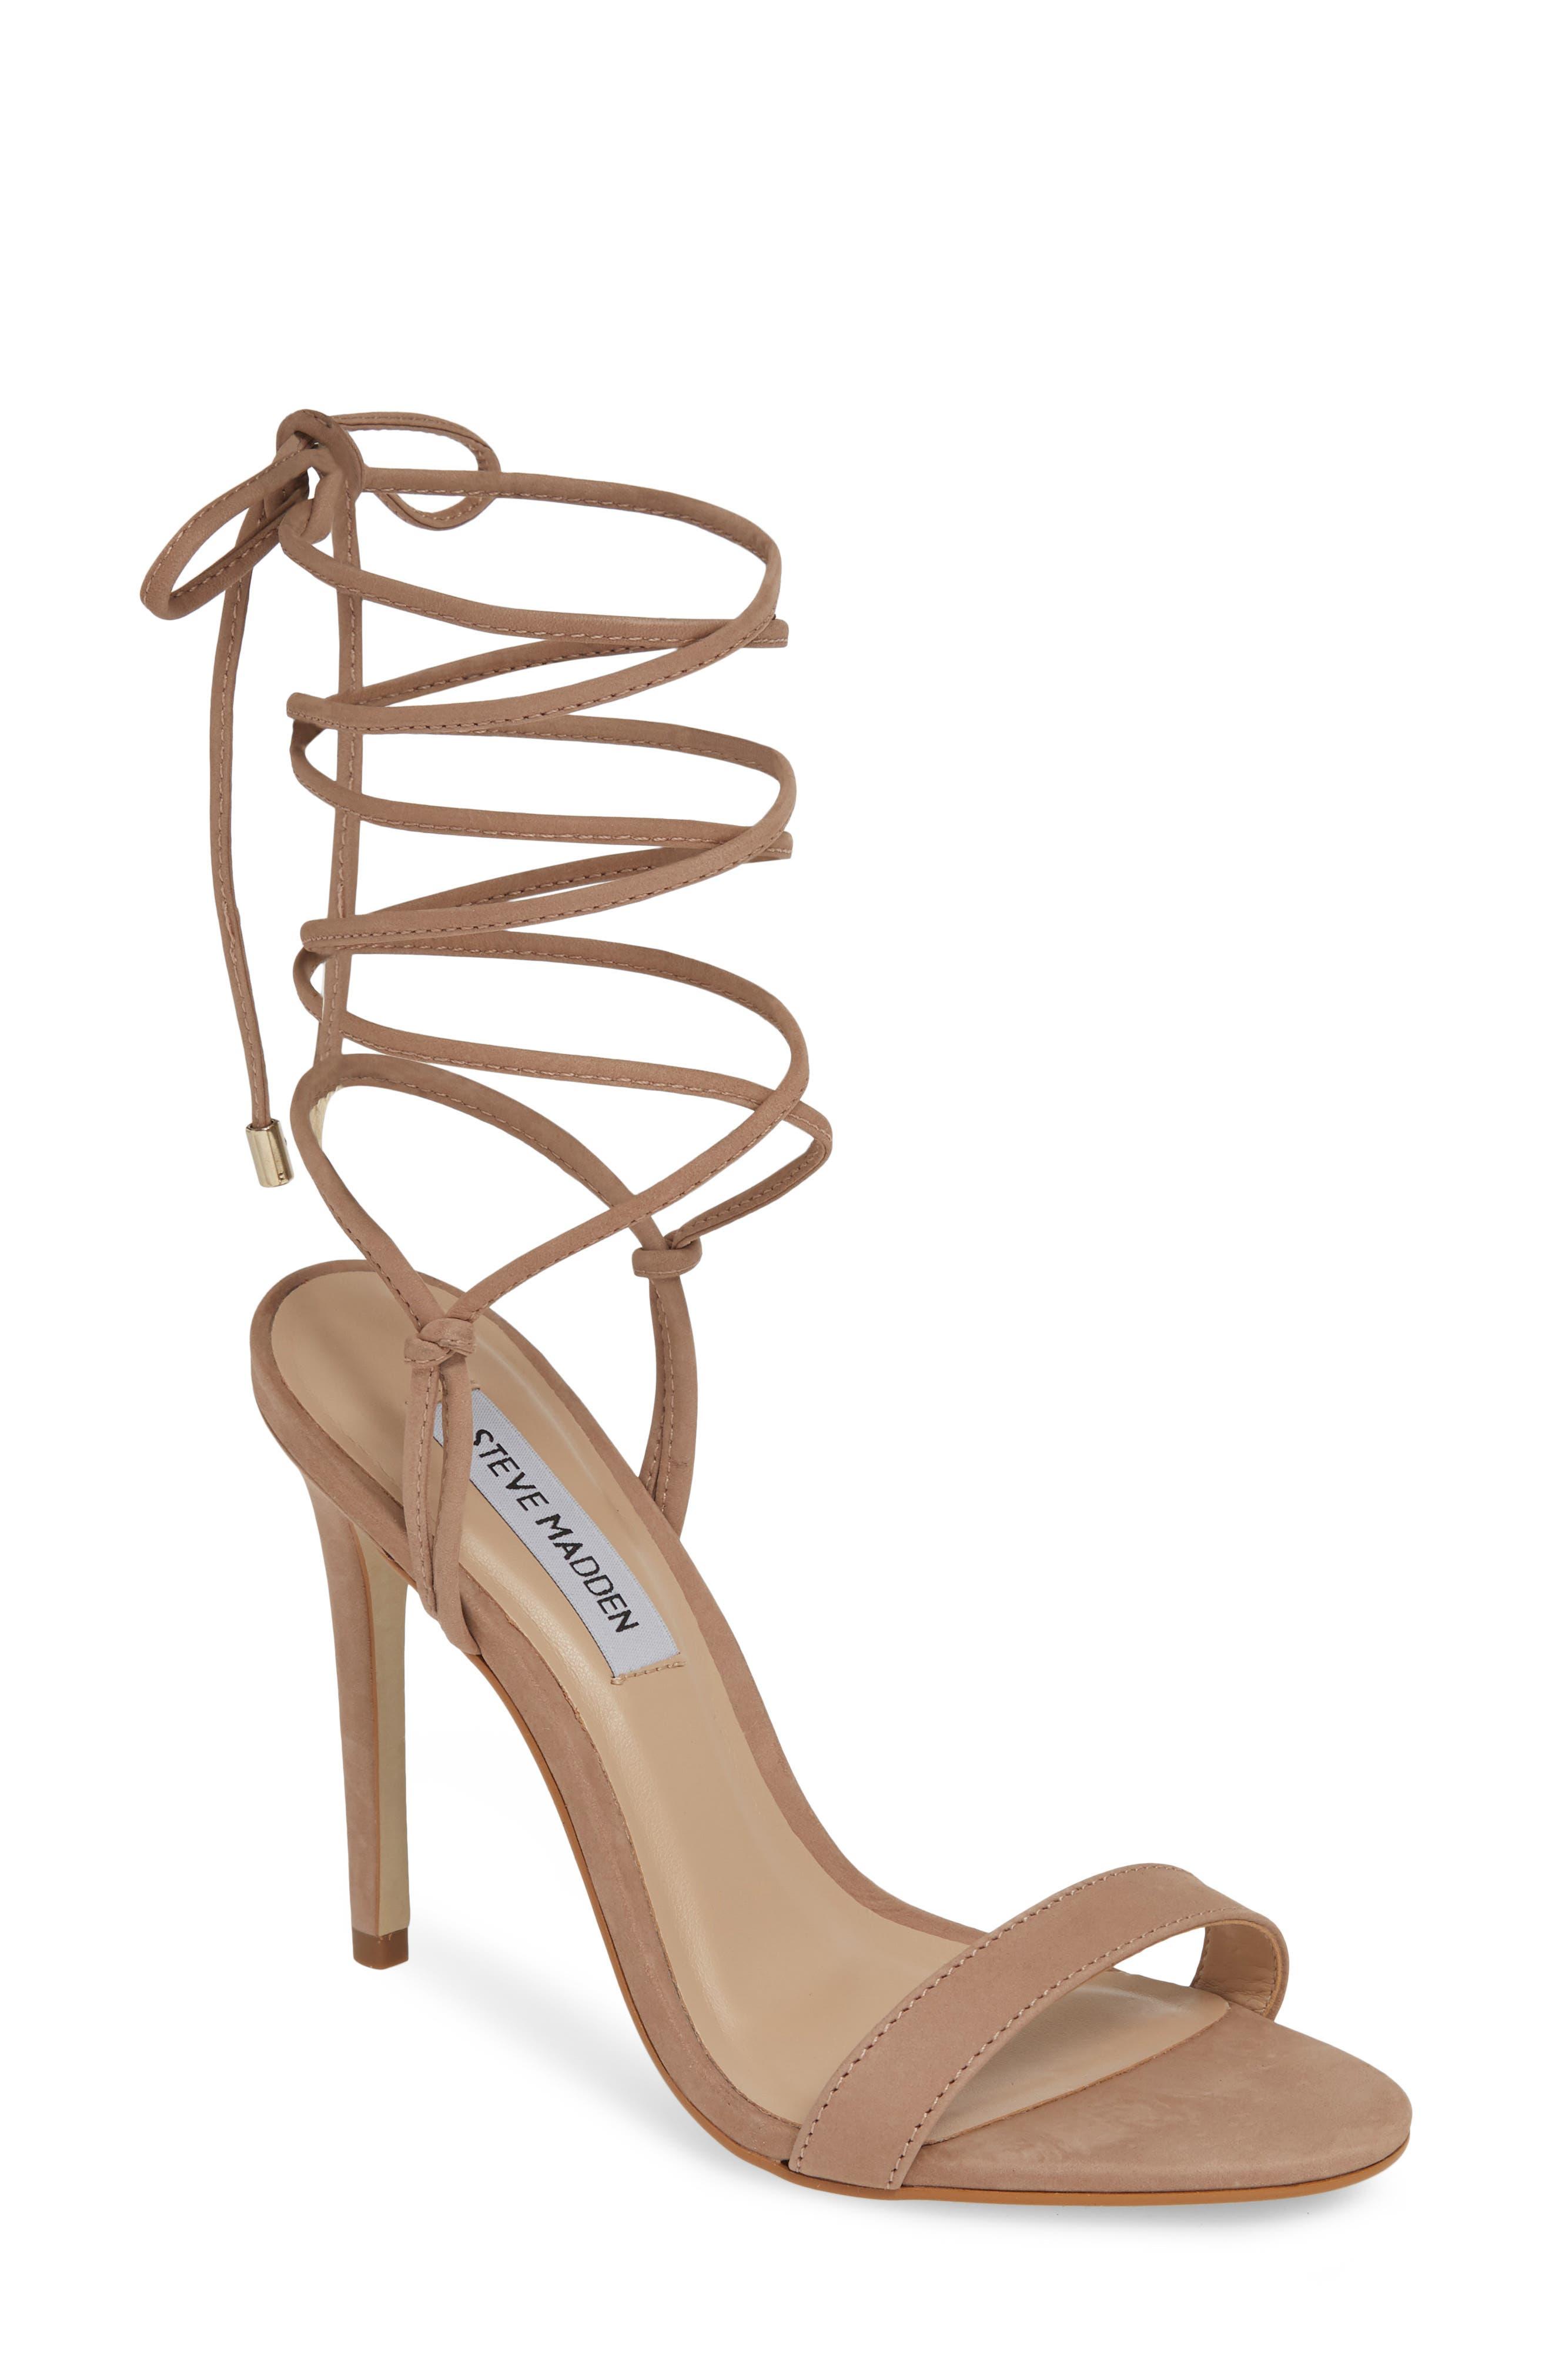 483545245f72 Women s Steve Madden Dress Sandals